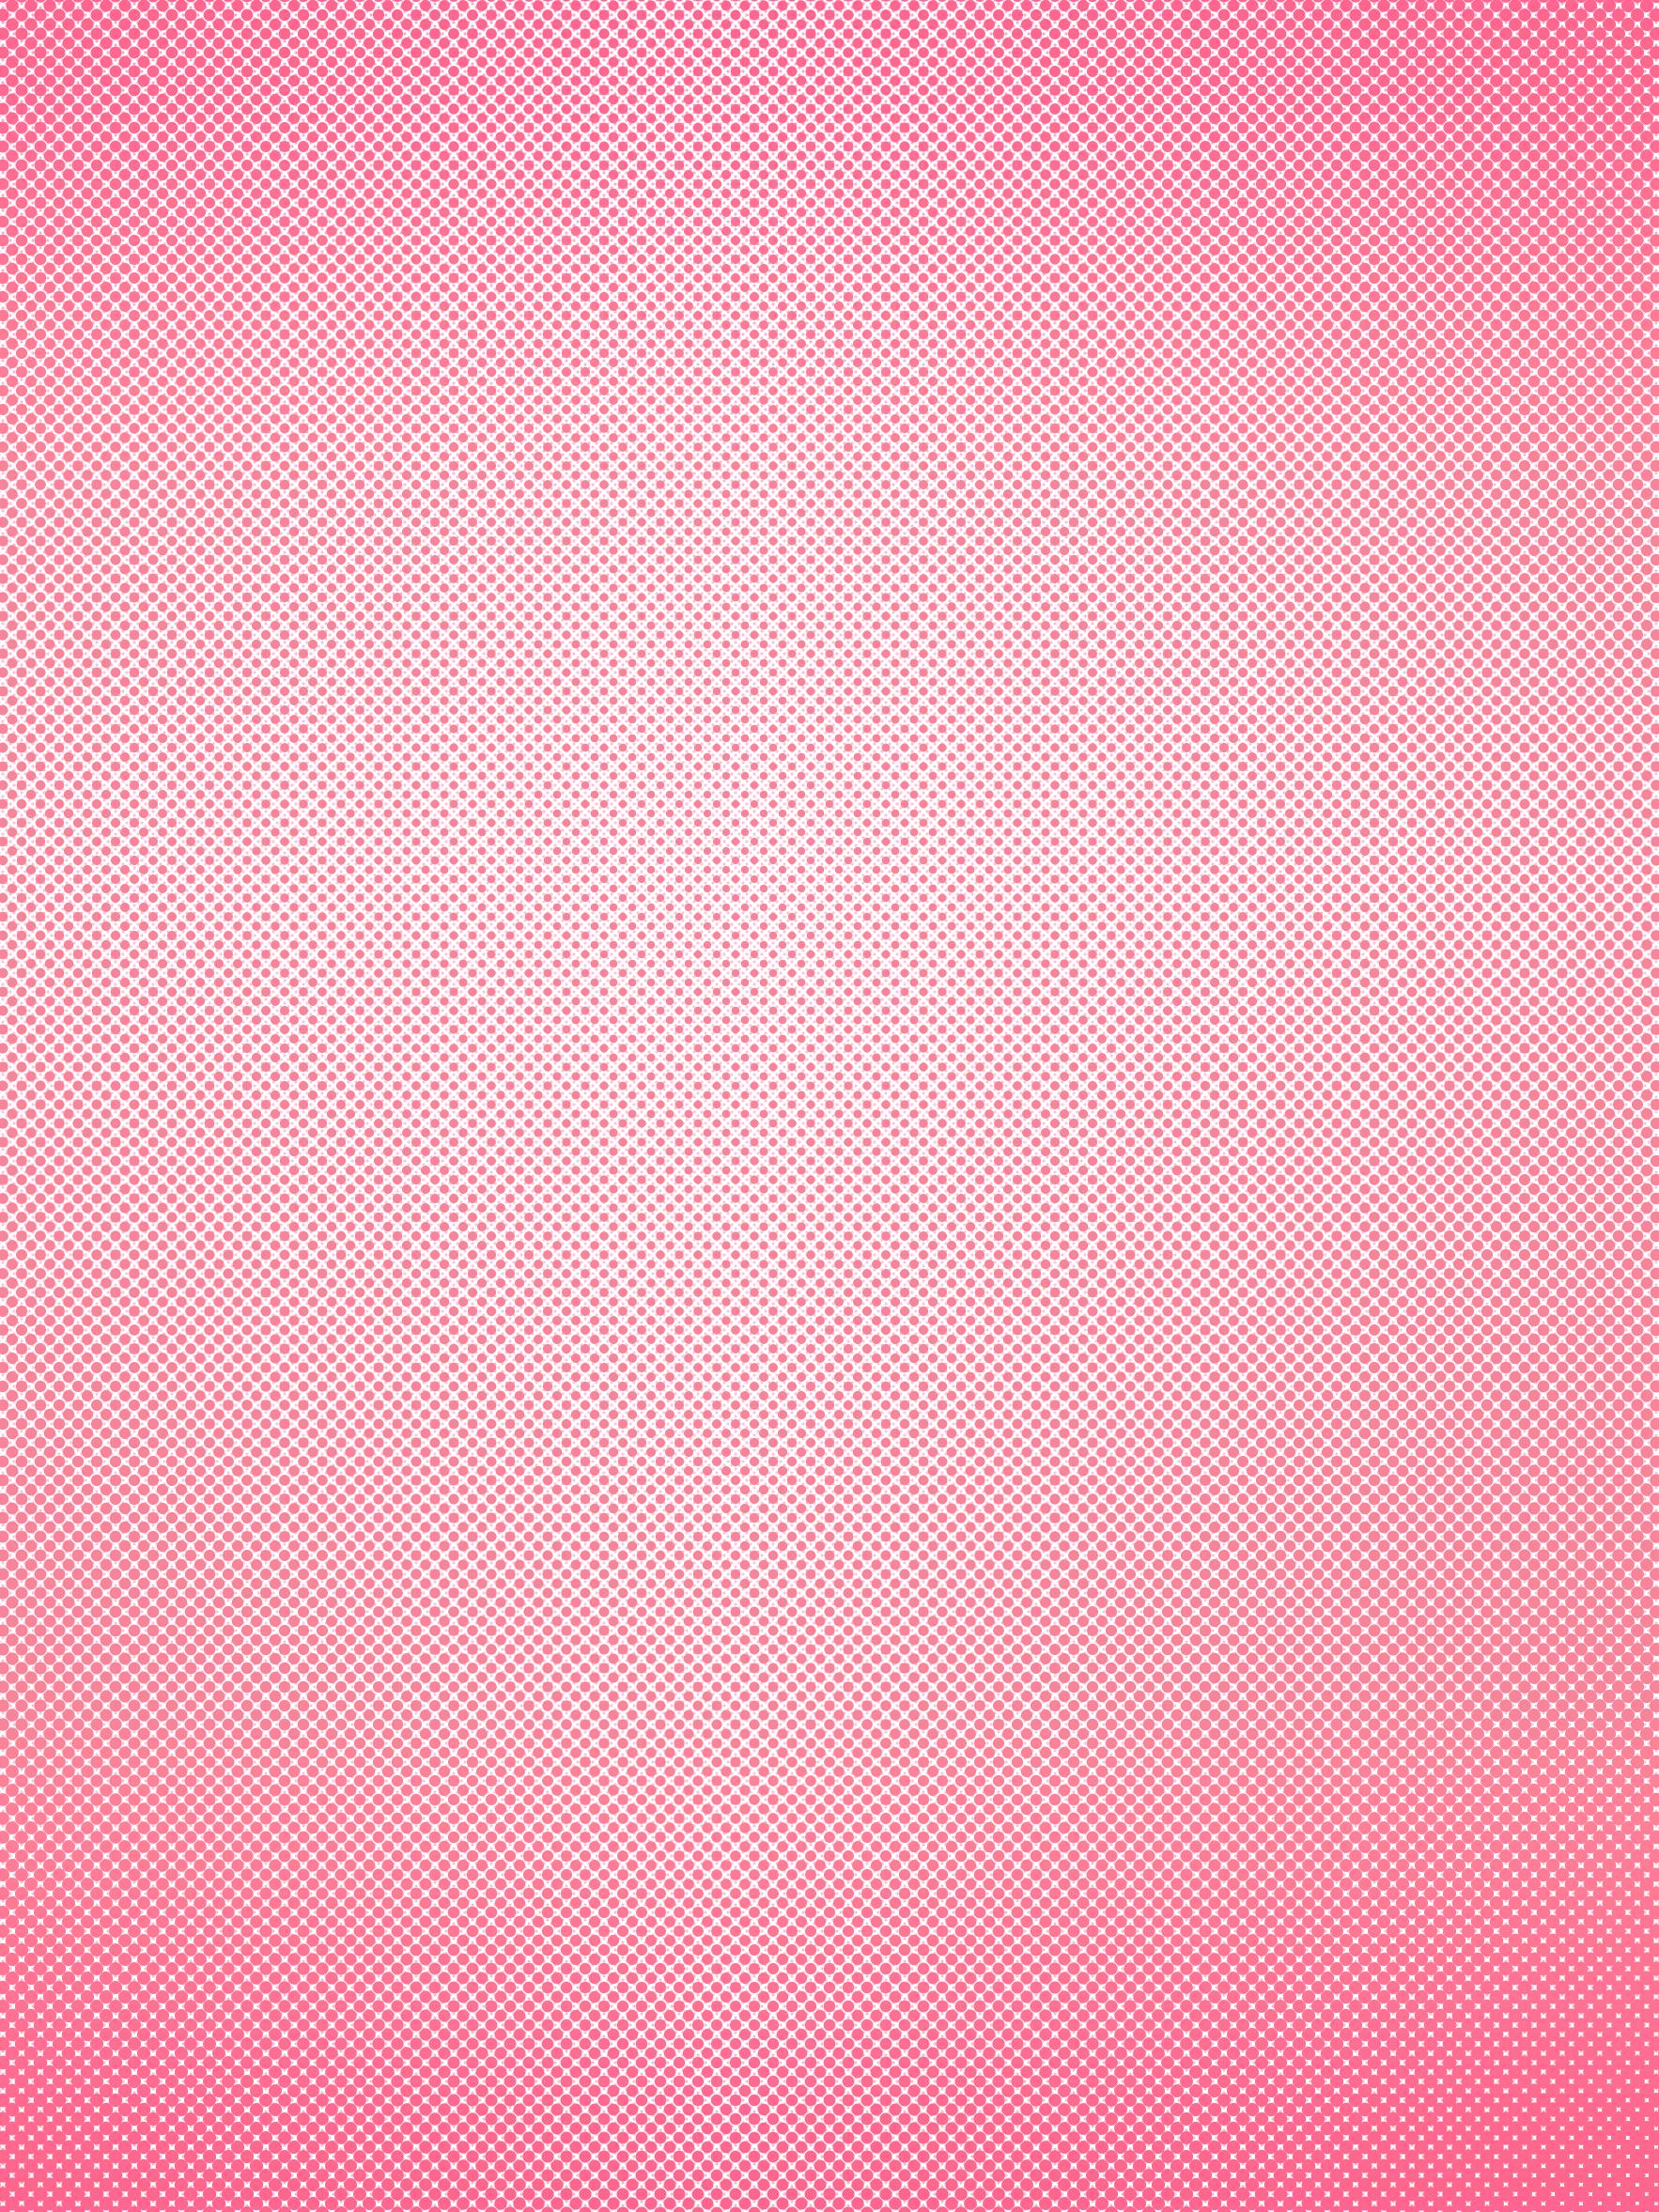 全iphone Ipad対応ドット壁紙 トーン ピンク Pink Tone Wallpaper